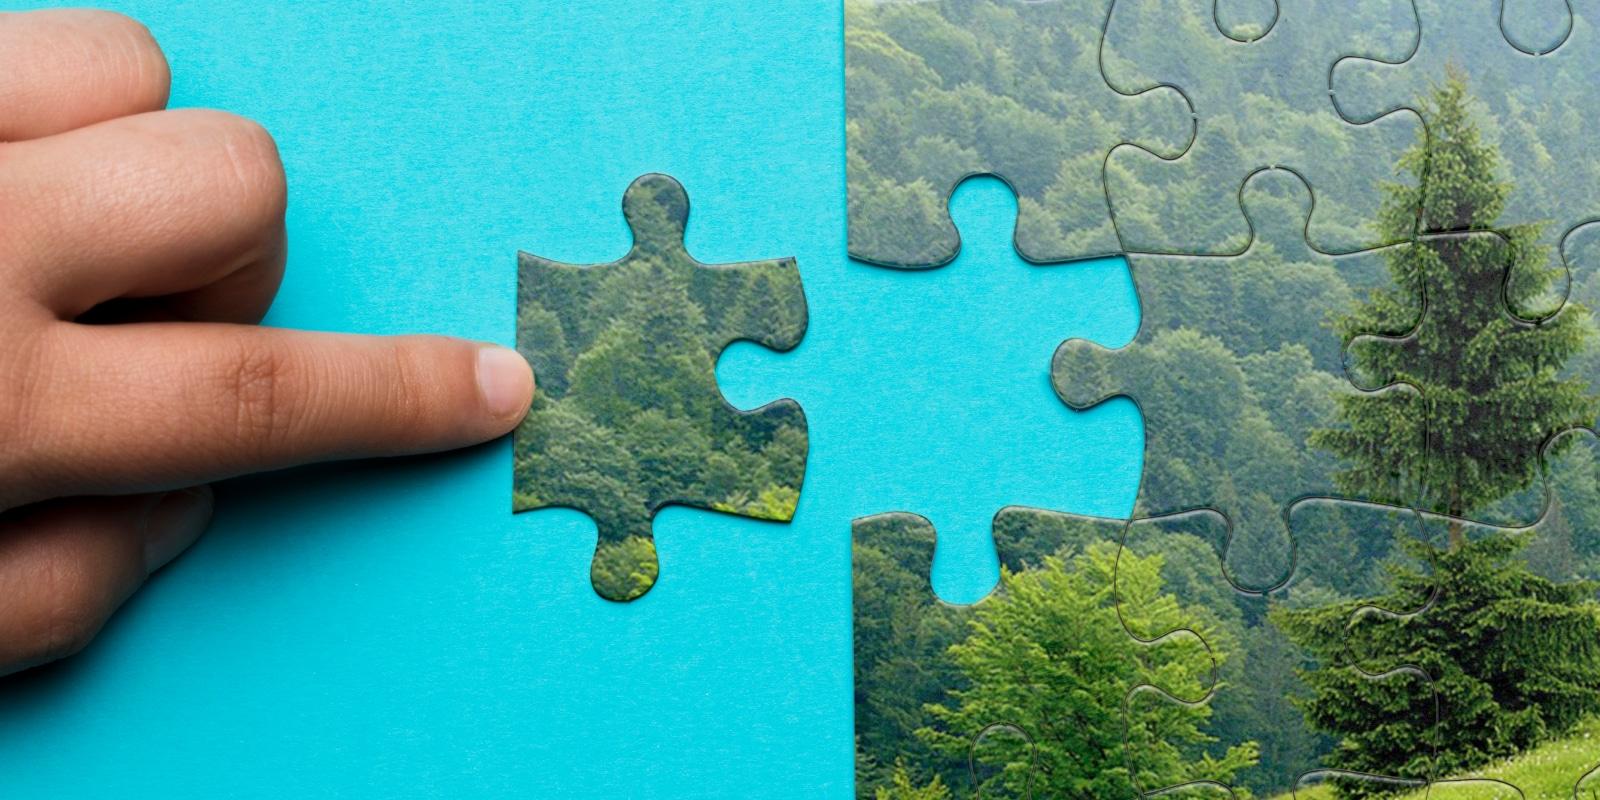 Compatibilité (Les critères Heuristiques de Bastien & Scapin)